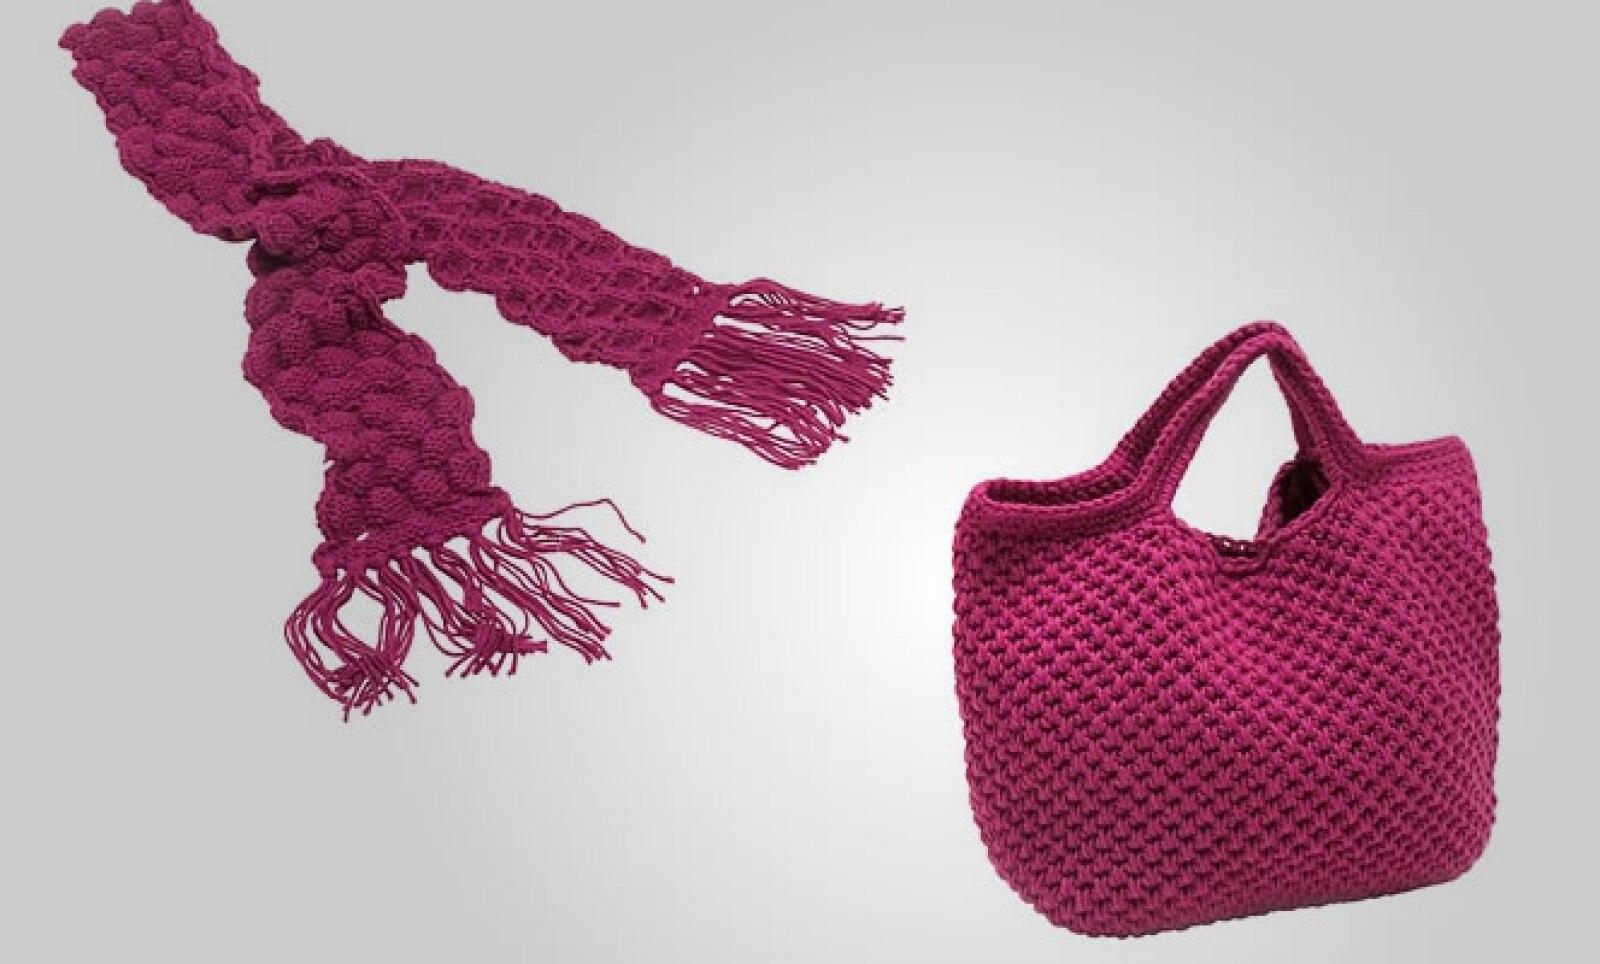 Los accesorios no pueden faltar dentro tu guardarropa: esta bolsa y chamarra en color rosa mexicano seguro atraerán miradas.